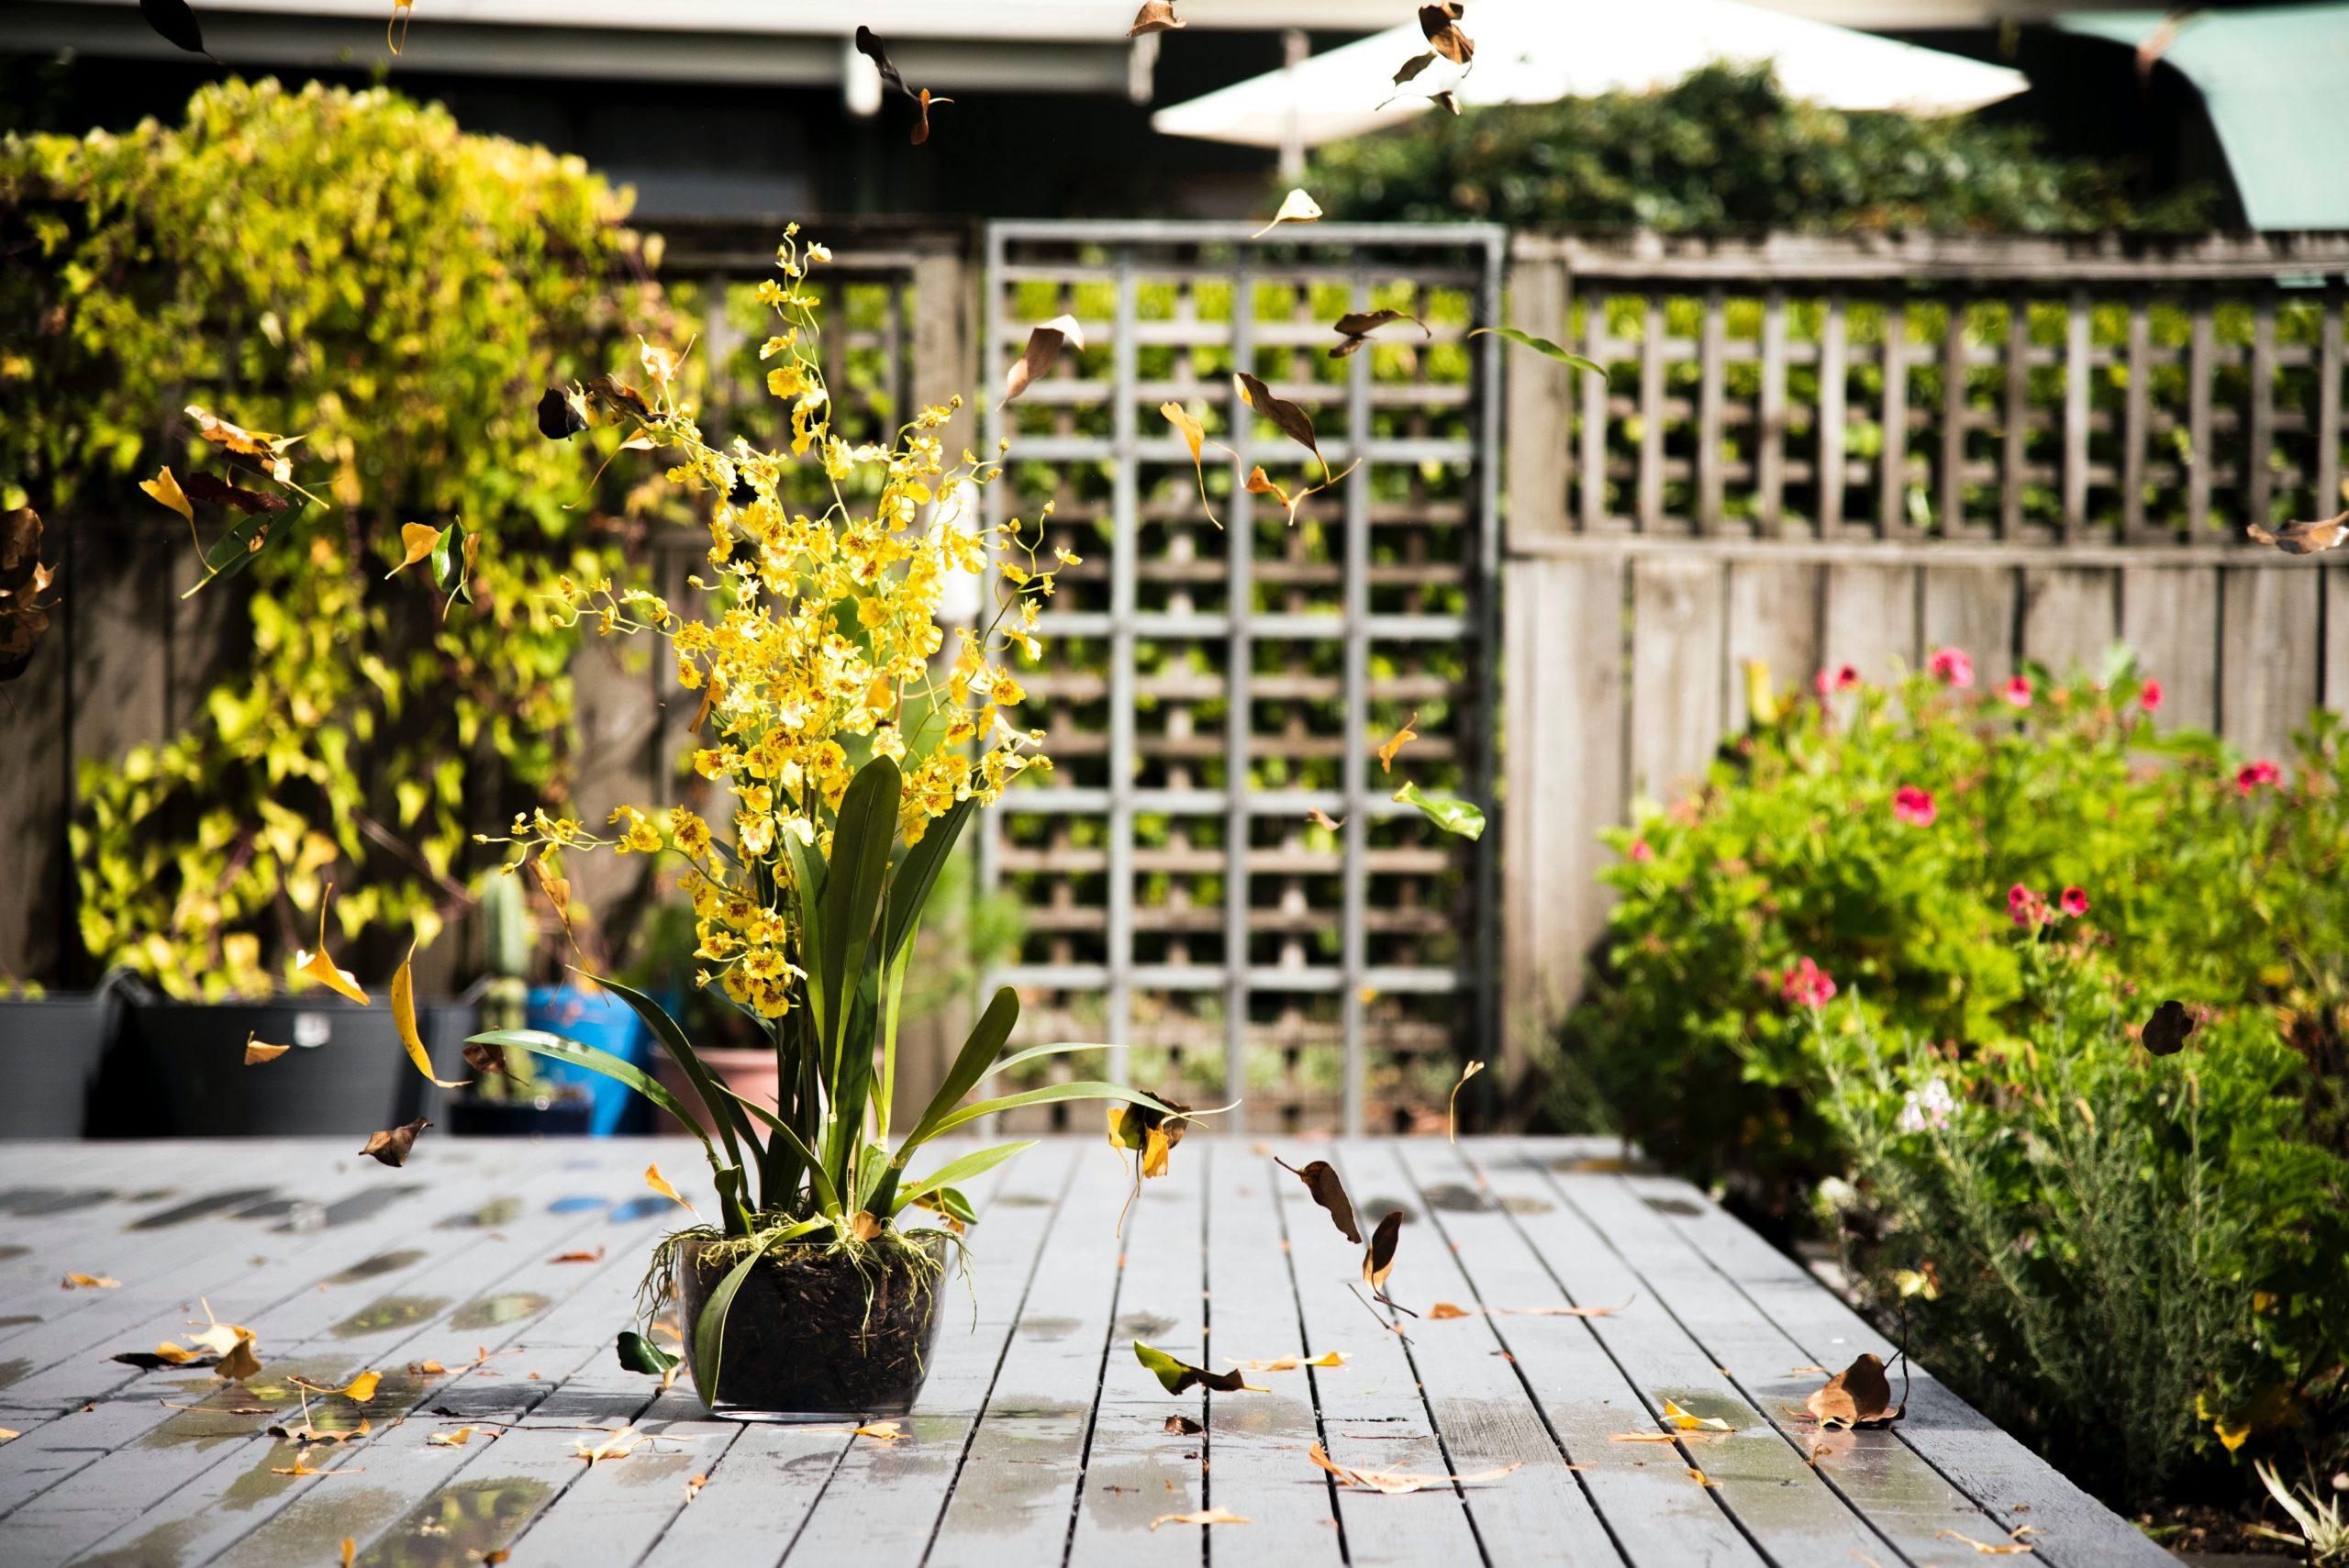 Créer son espace-jardin : 3 étapes de réflexion